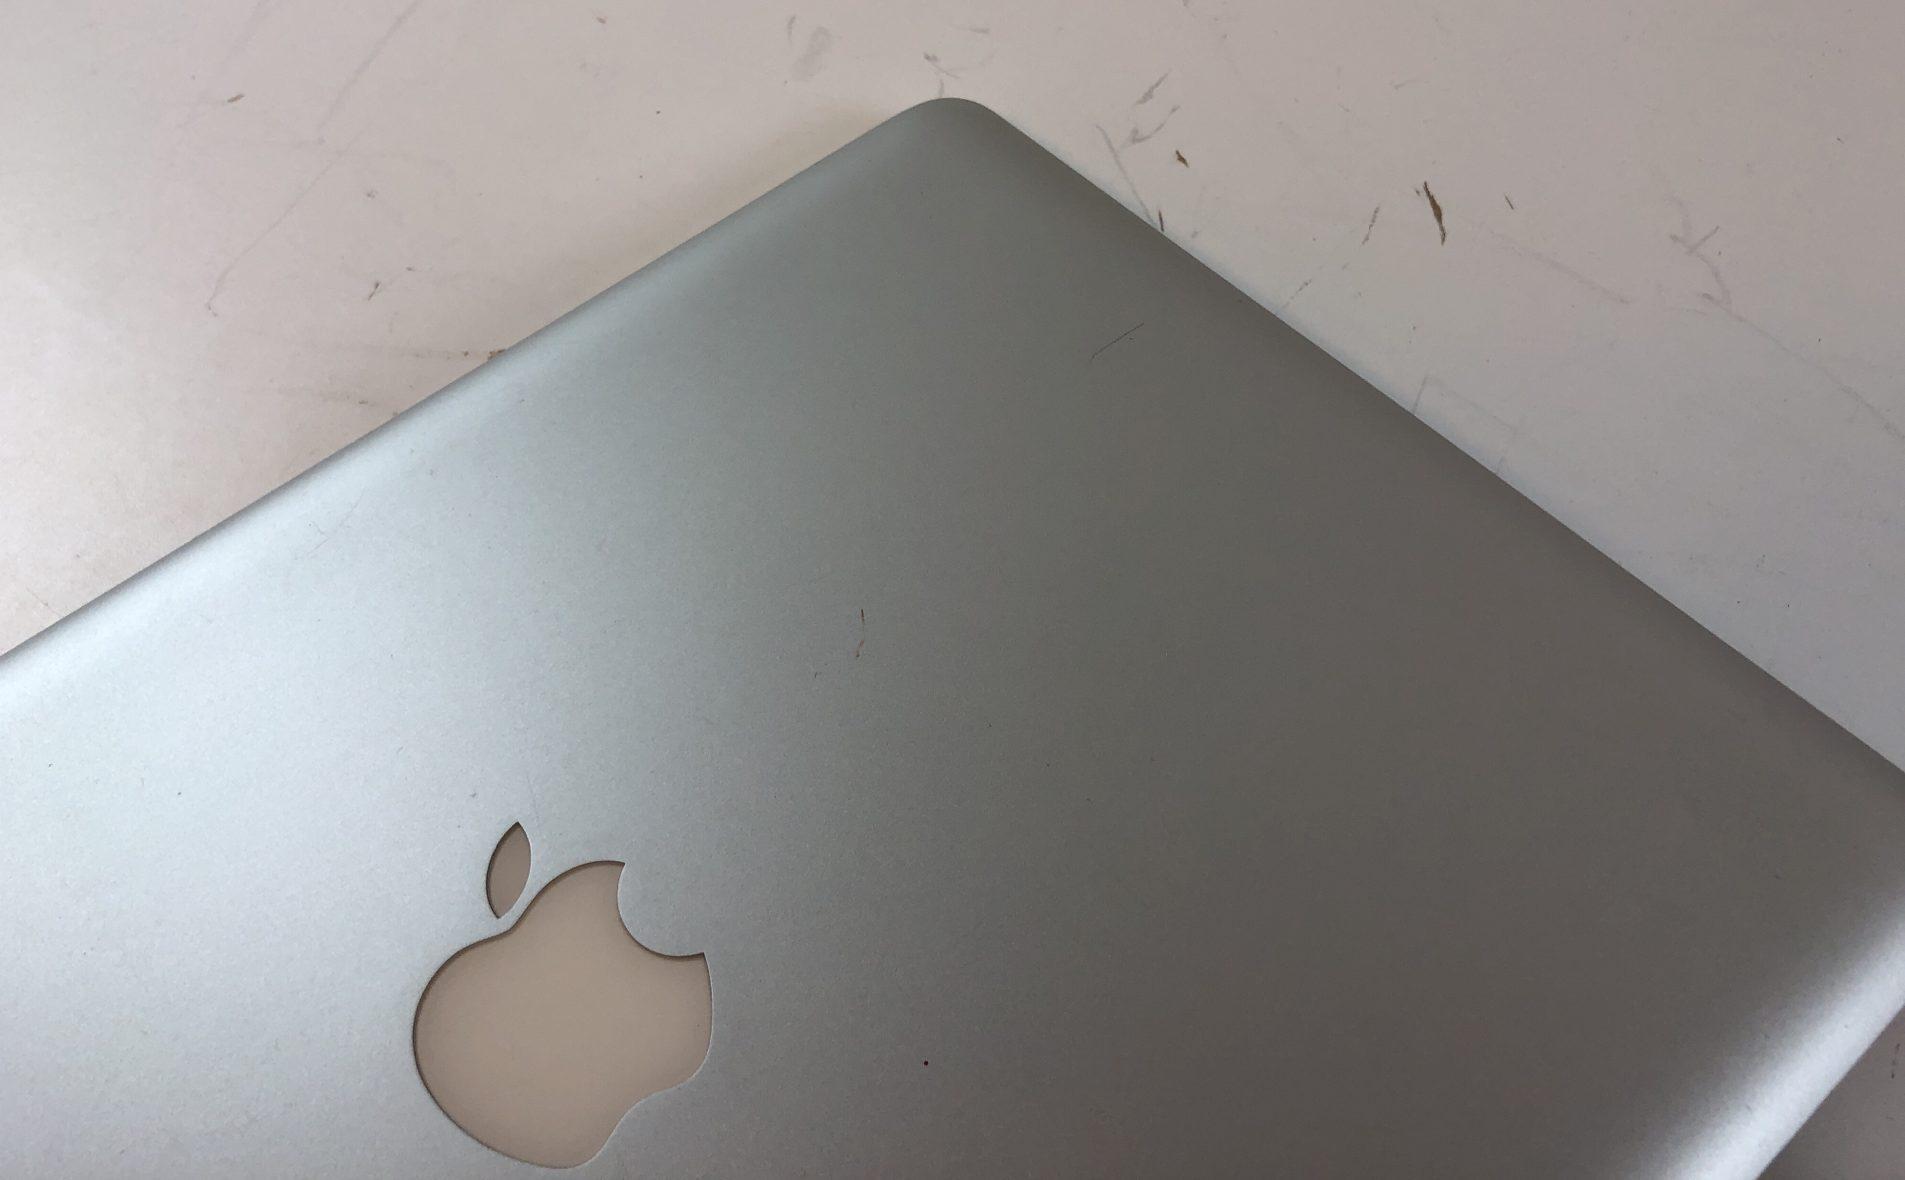 """MacBook Pro 13"""" Mid 2012 (Intel Core i7 2.9 GHz 8 GB RAM 750 GB HDD), Intel Core i7 2.9 GHz, 8 GB RAM, 750 GB HDD, imagen 6"""